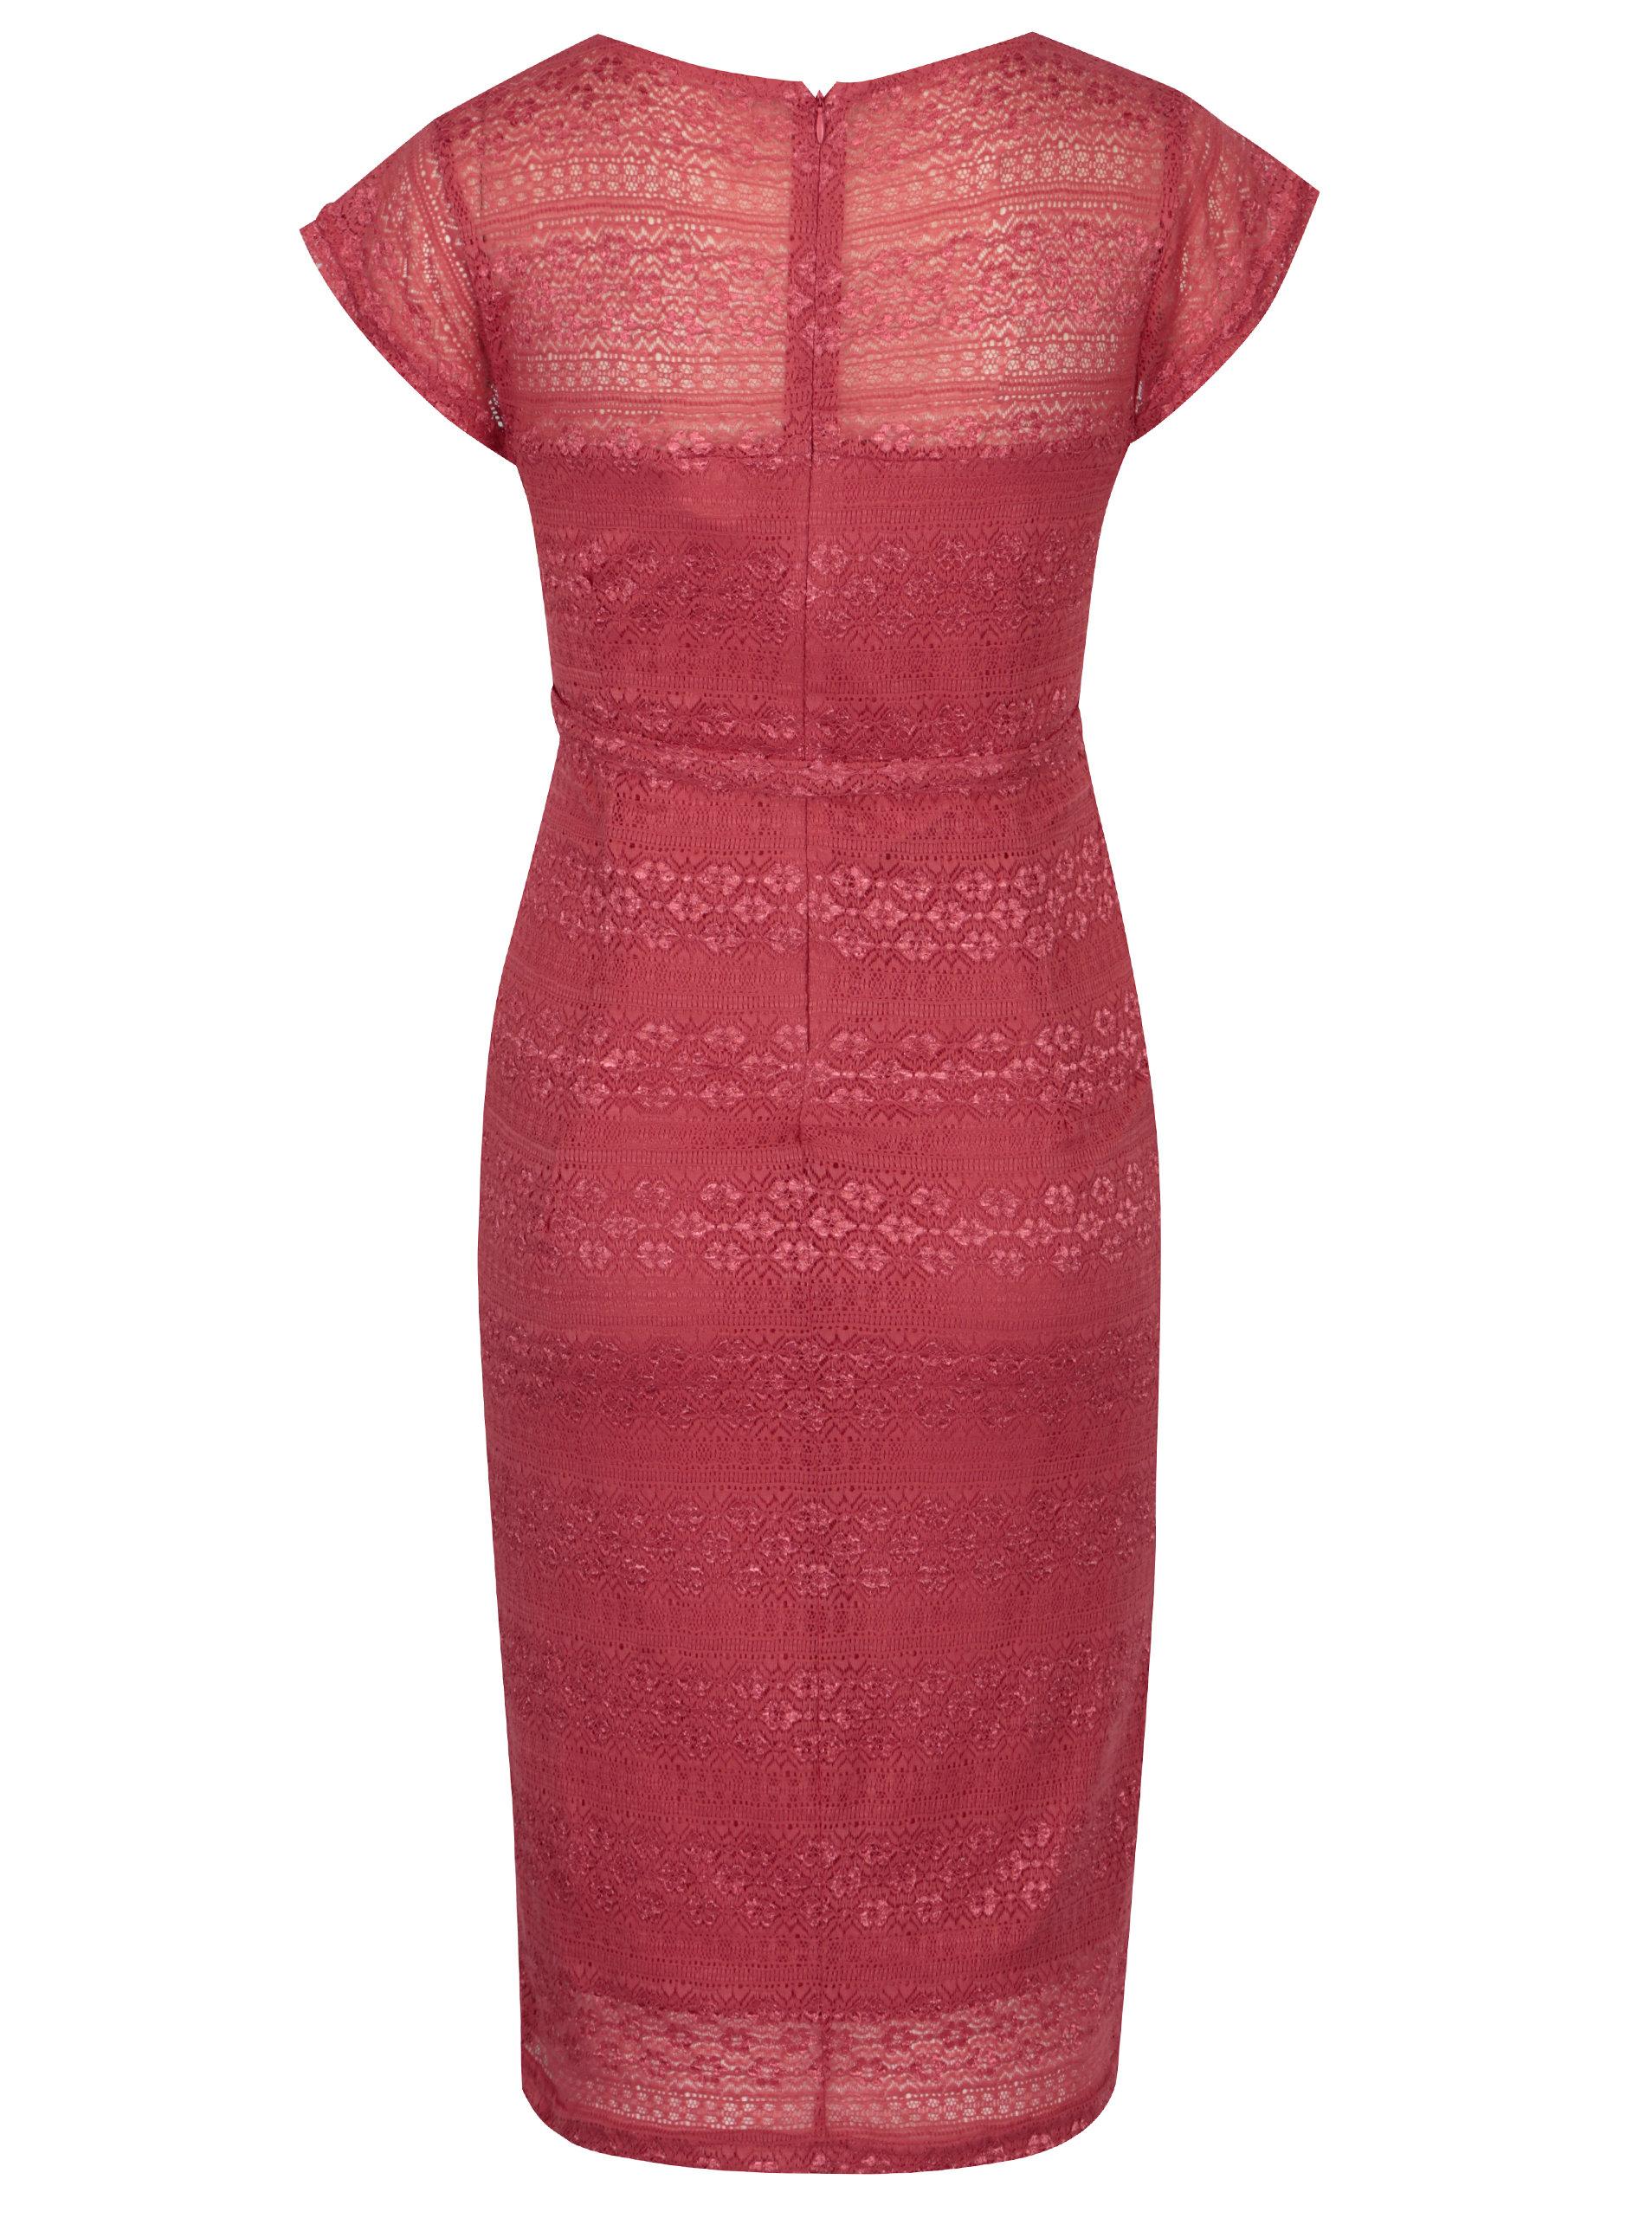 518fbbd7094c Ružové čipkované tehotenské šaty Mama-licious Cabrini ...